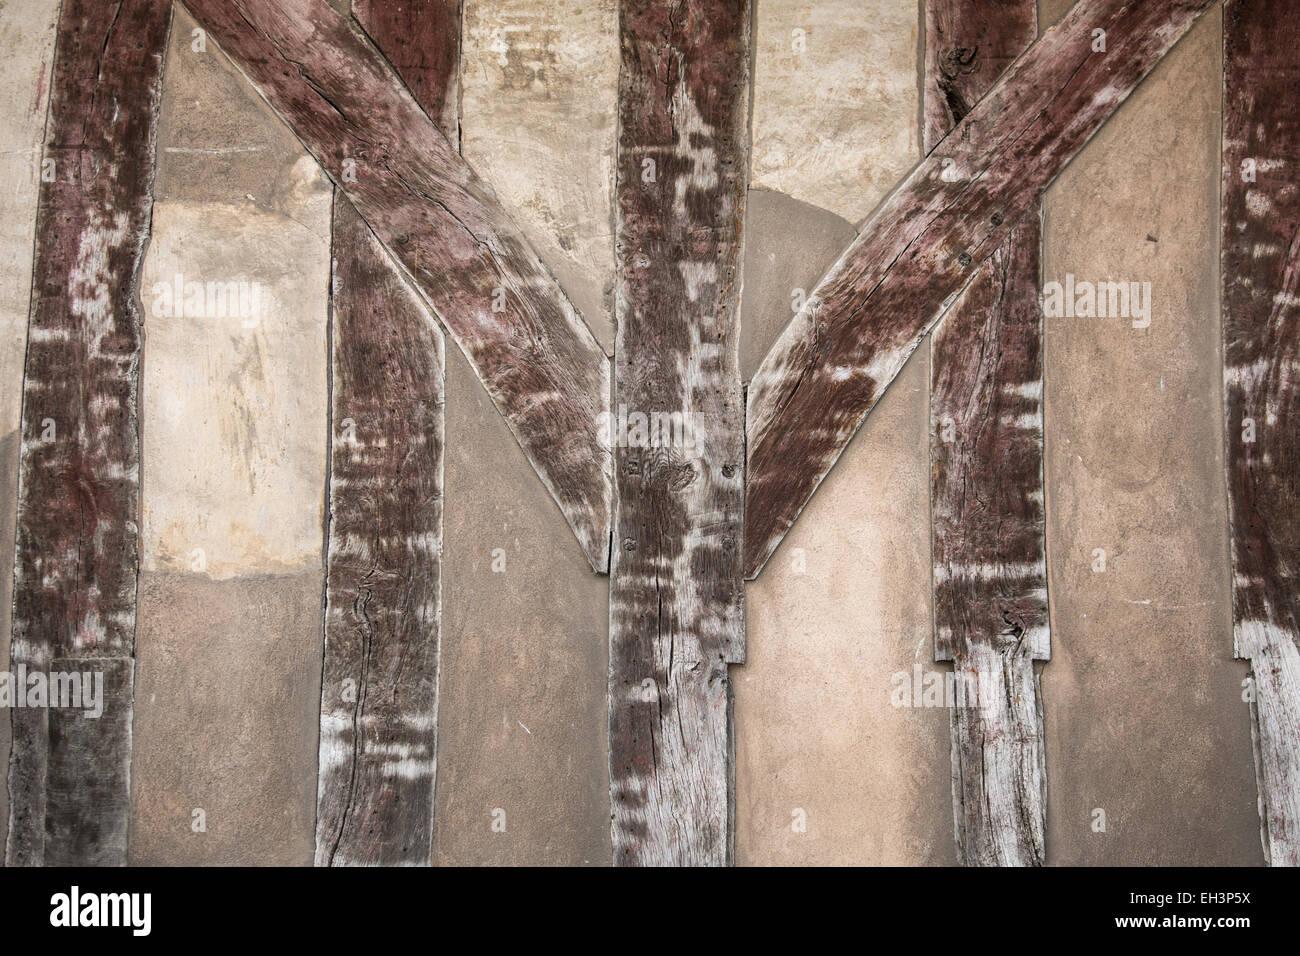 Detalles y características arquitectónicas de los edificios históricos en Inglaterra, Reino Unido, Imagen De Stock